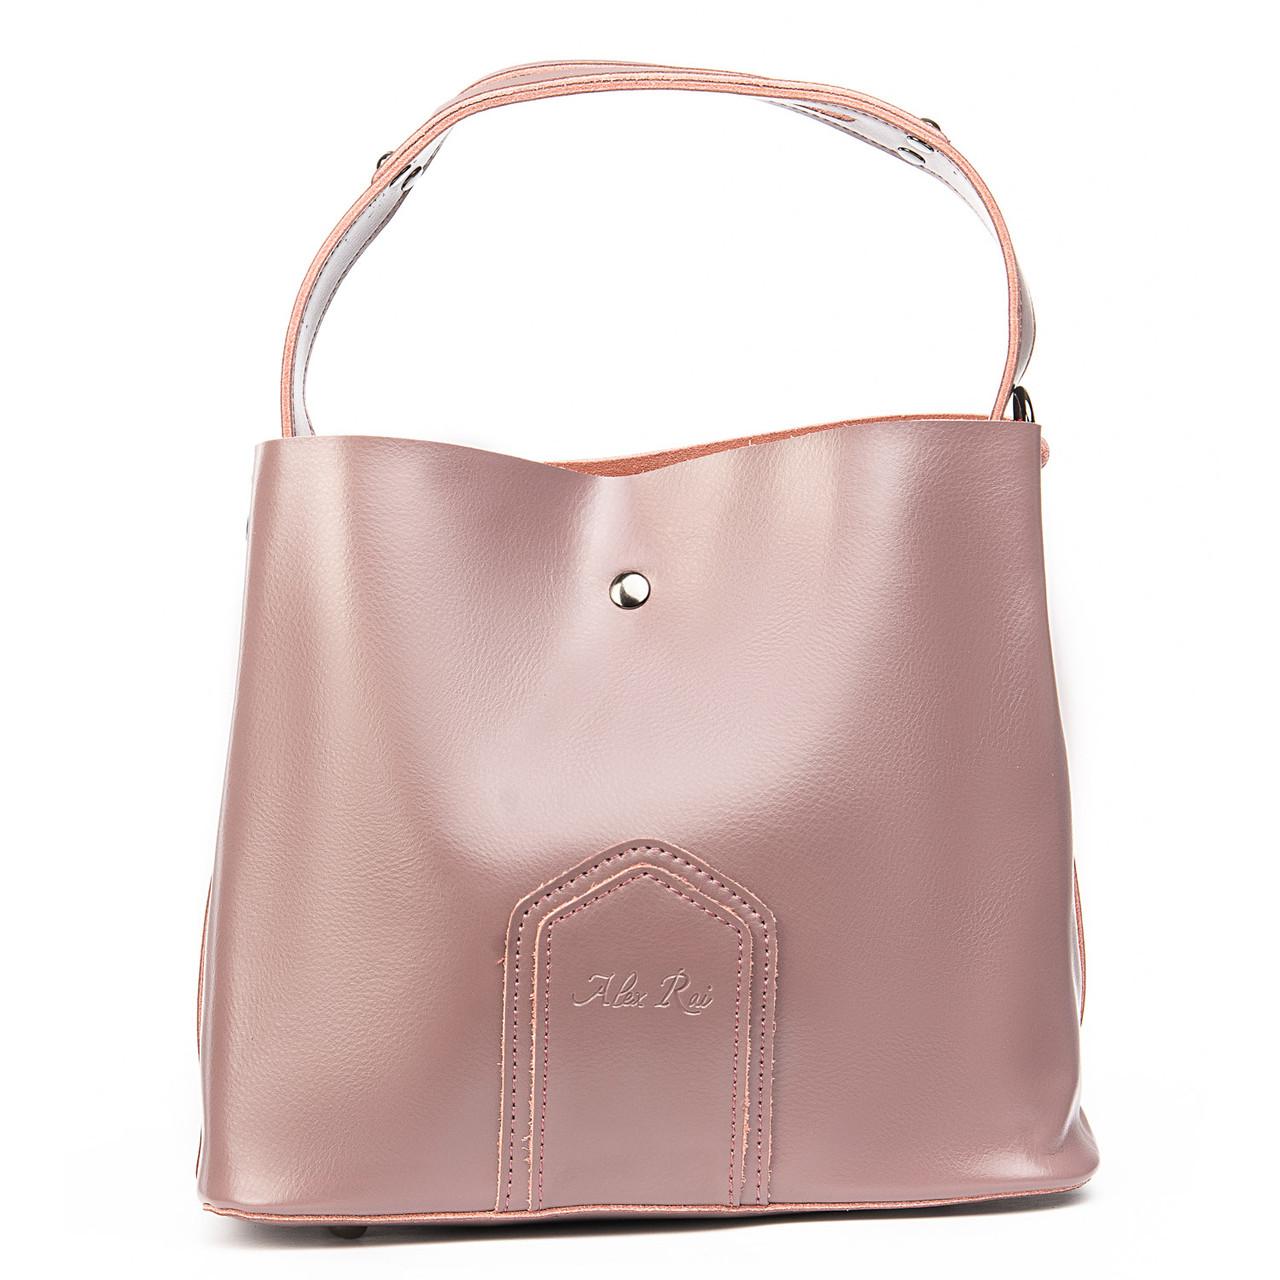 PODIUM Сумка Женская Классическая кожа ALEX RAI 08-4 8641 purple